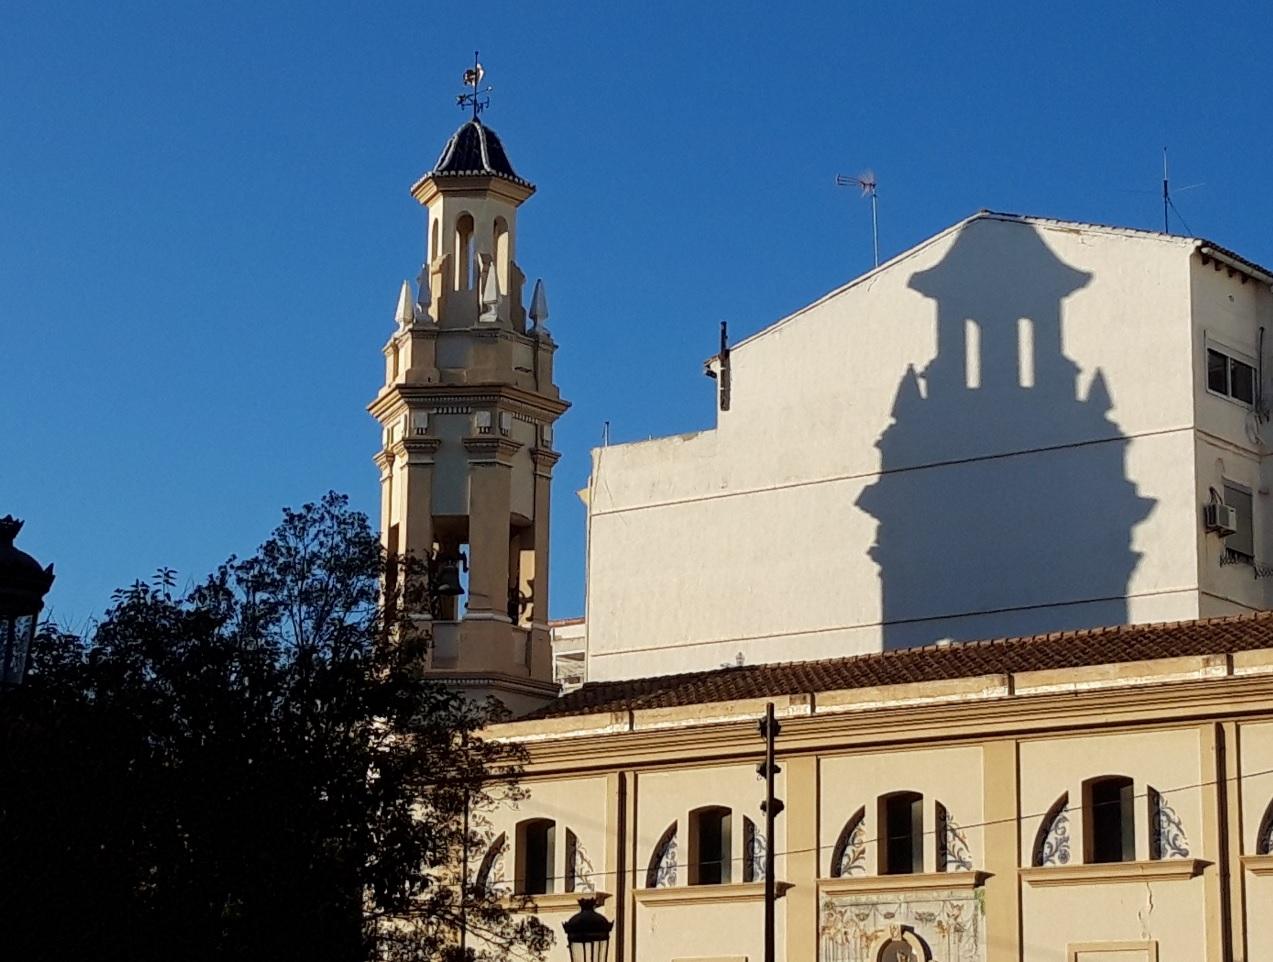 Se cumplen 150 años de la anexión de Patraix a la ciudad de València